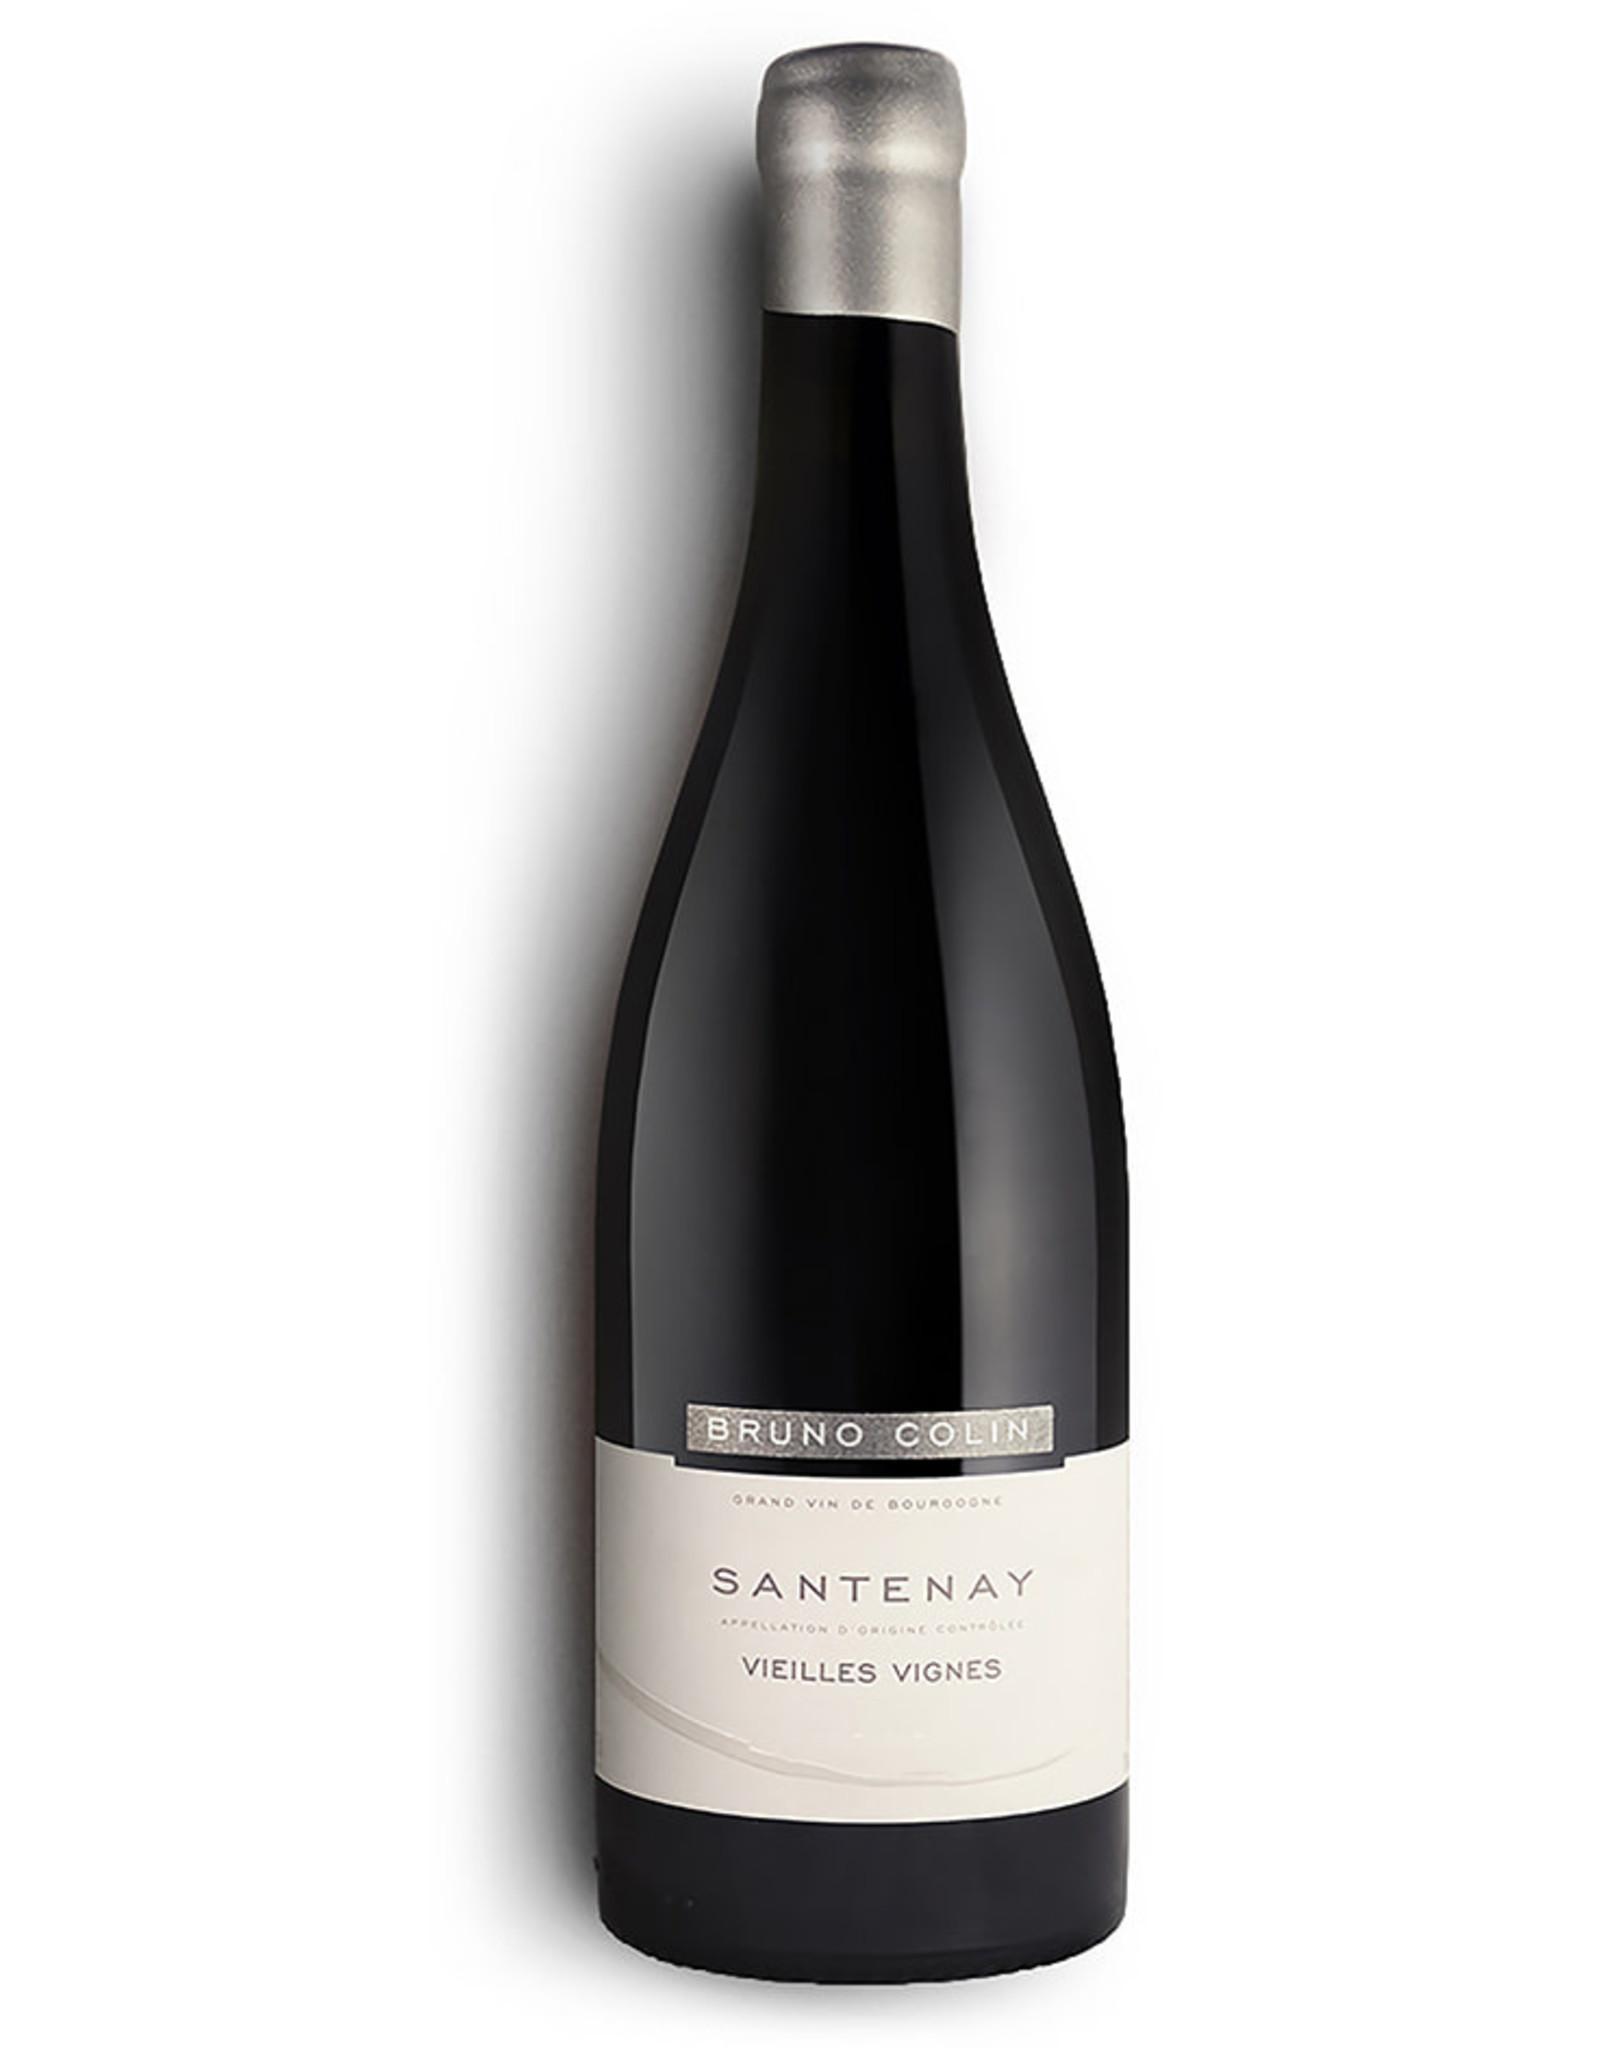 Bruno Colin Santenay Vieilles Vignes